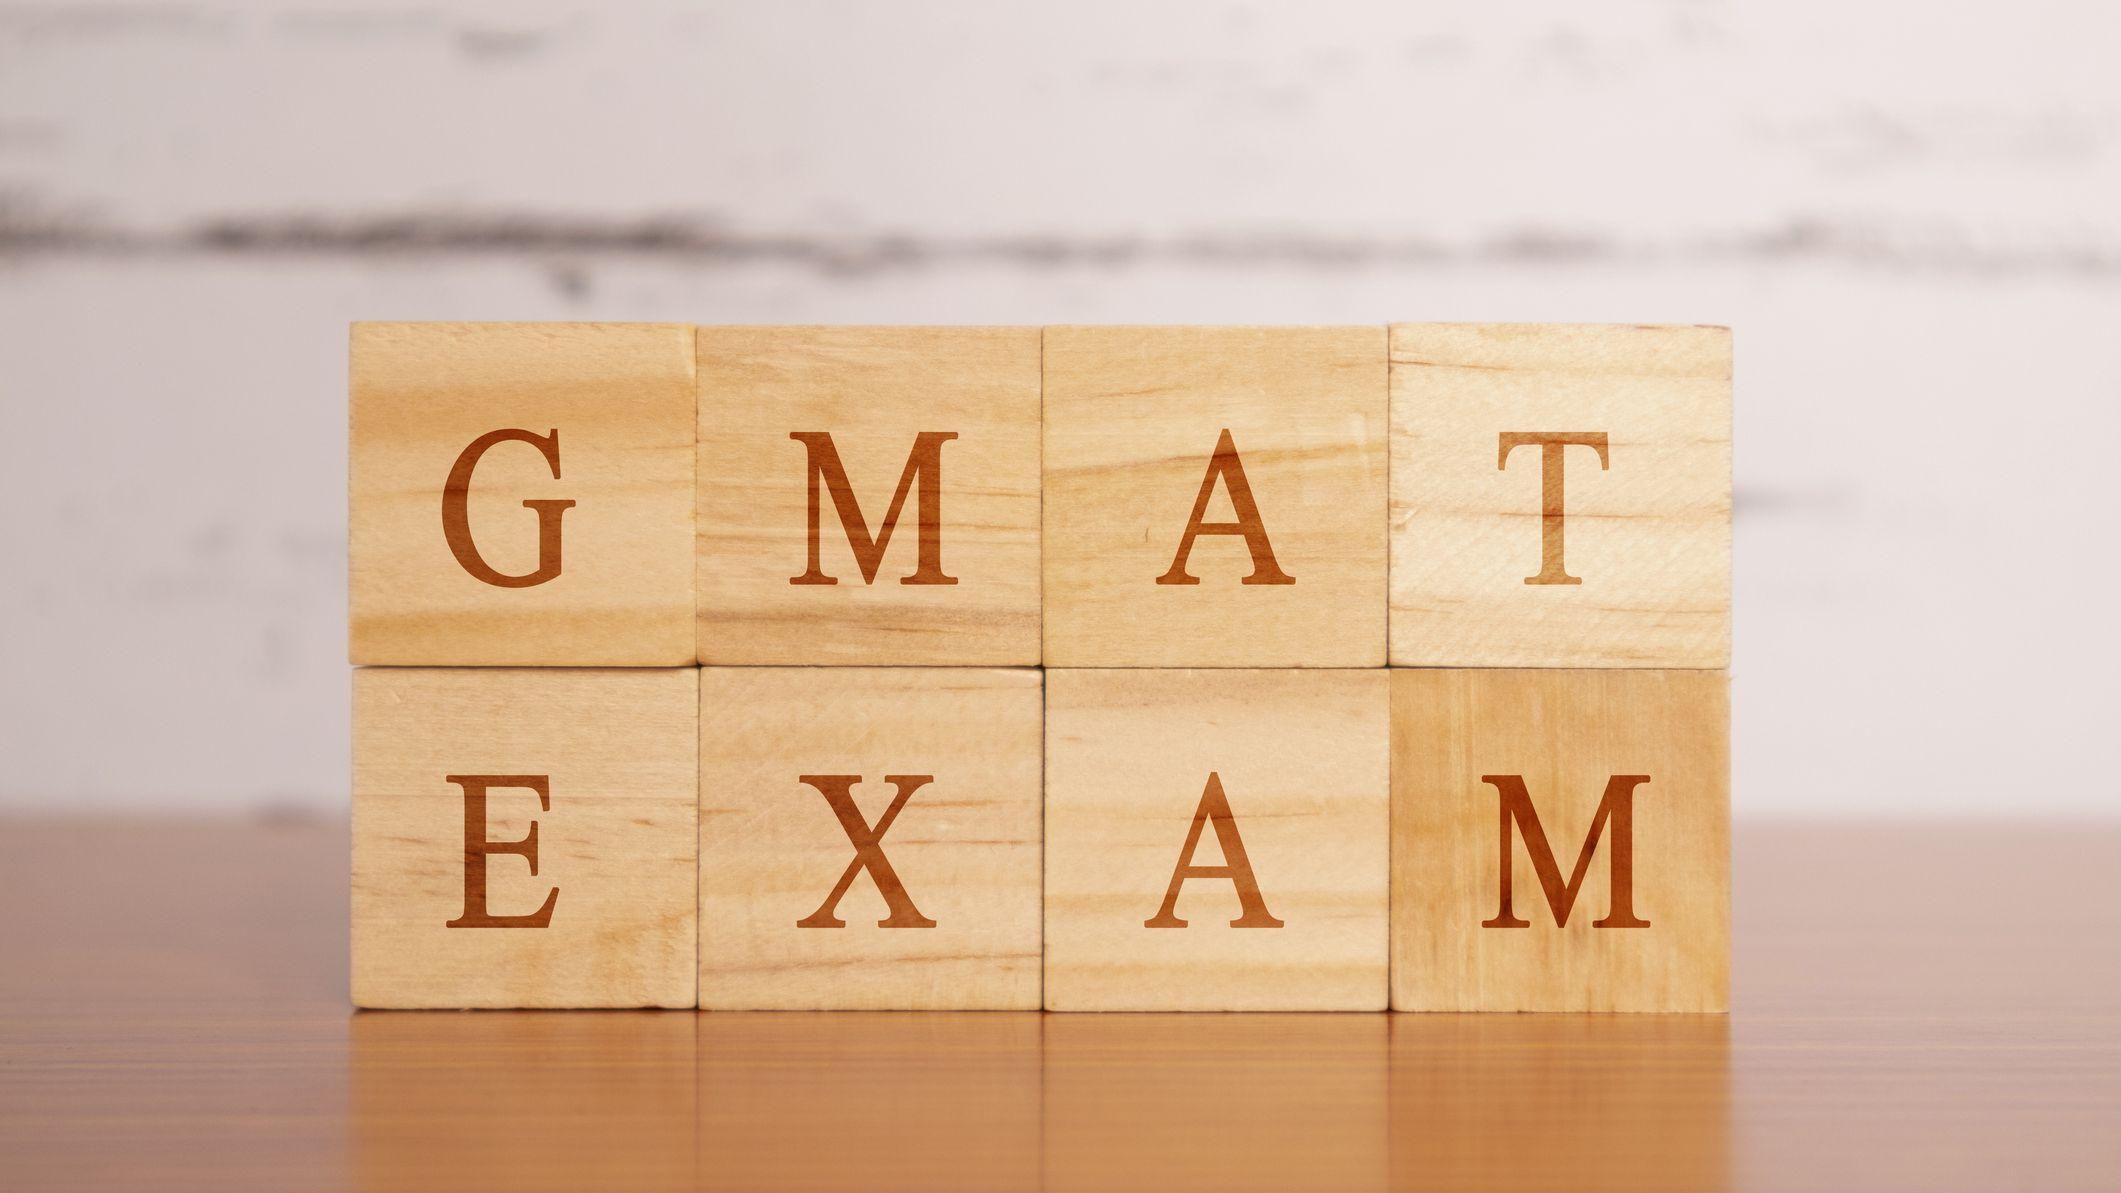 Bài thi GMAT và tất tần tật những điều bạn cần biết - Blog GMAT ILIAT